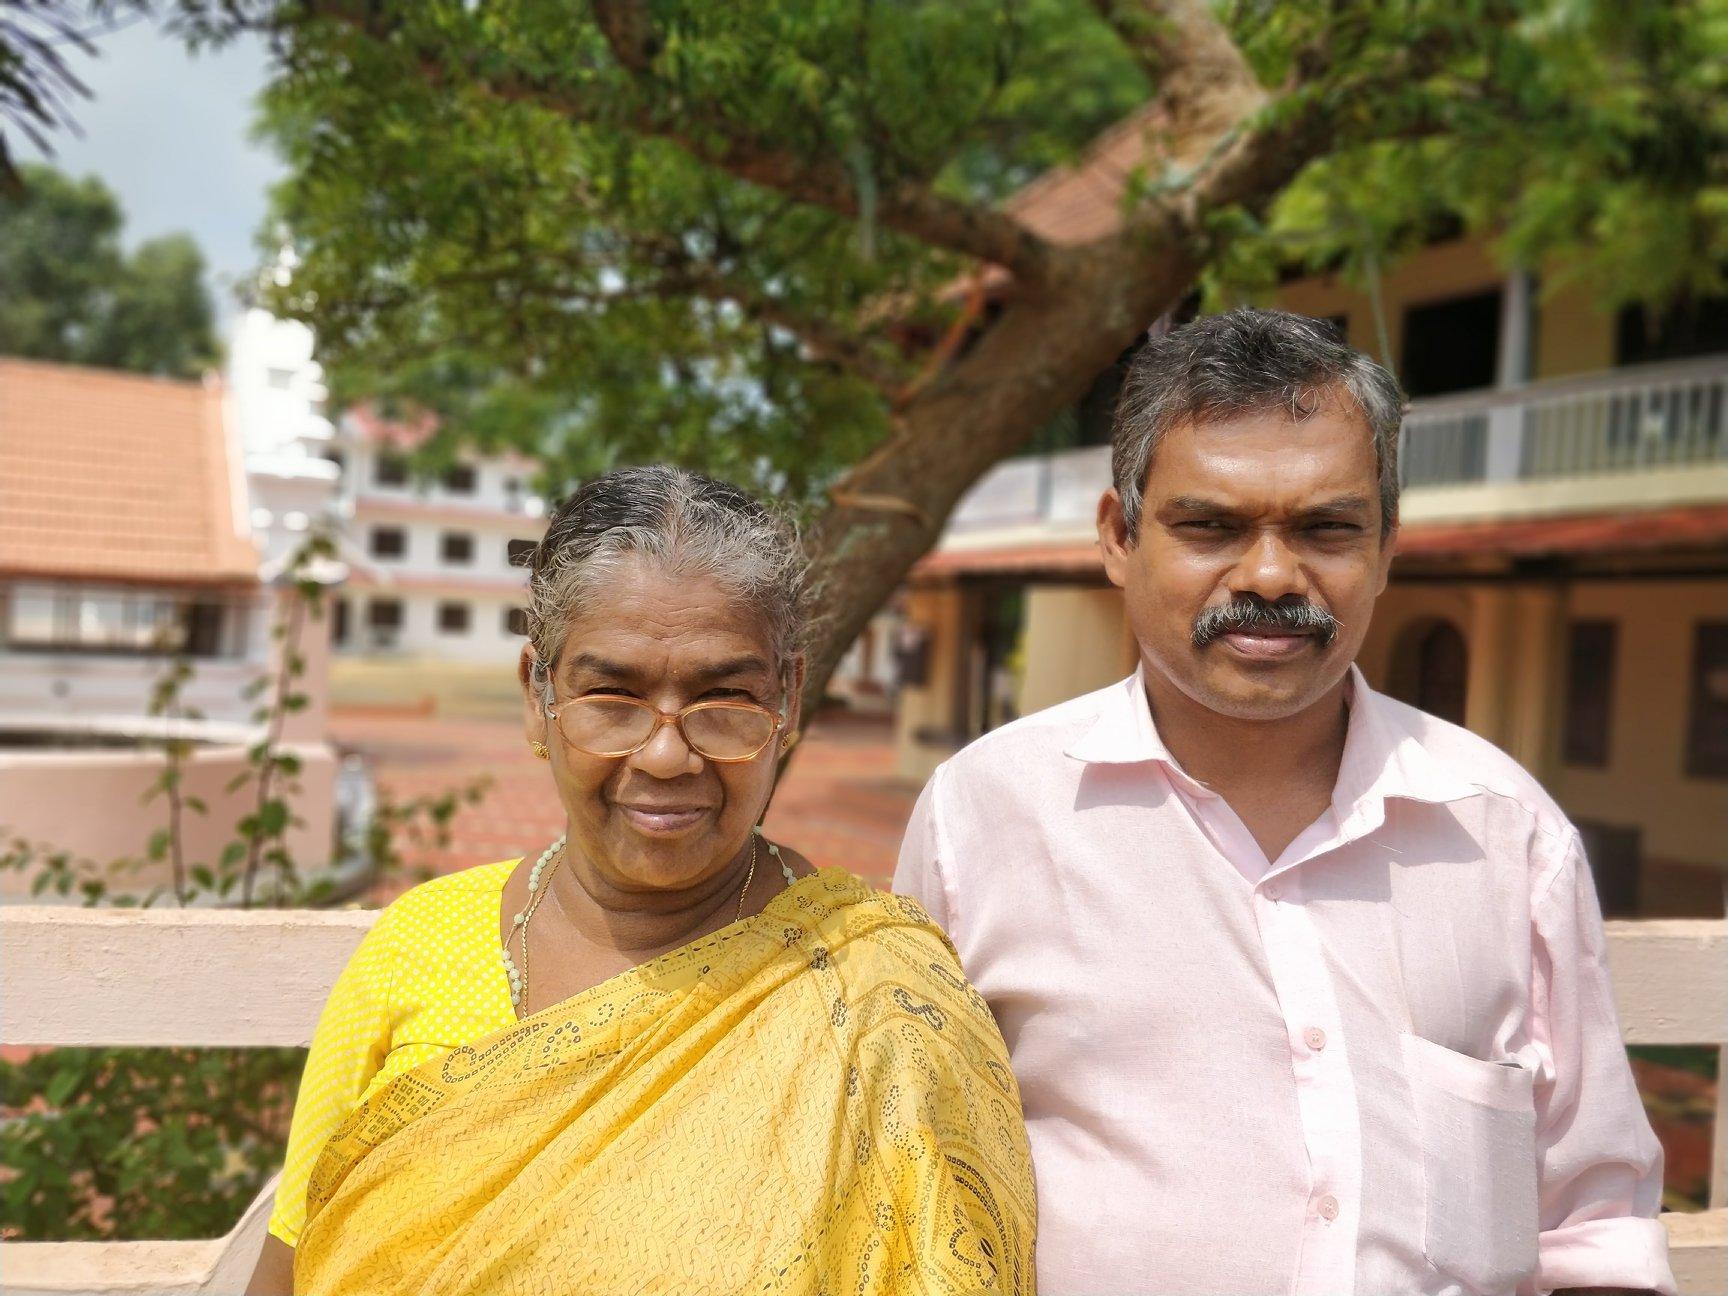 Jose e sua mamma in Kerala